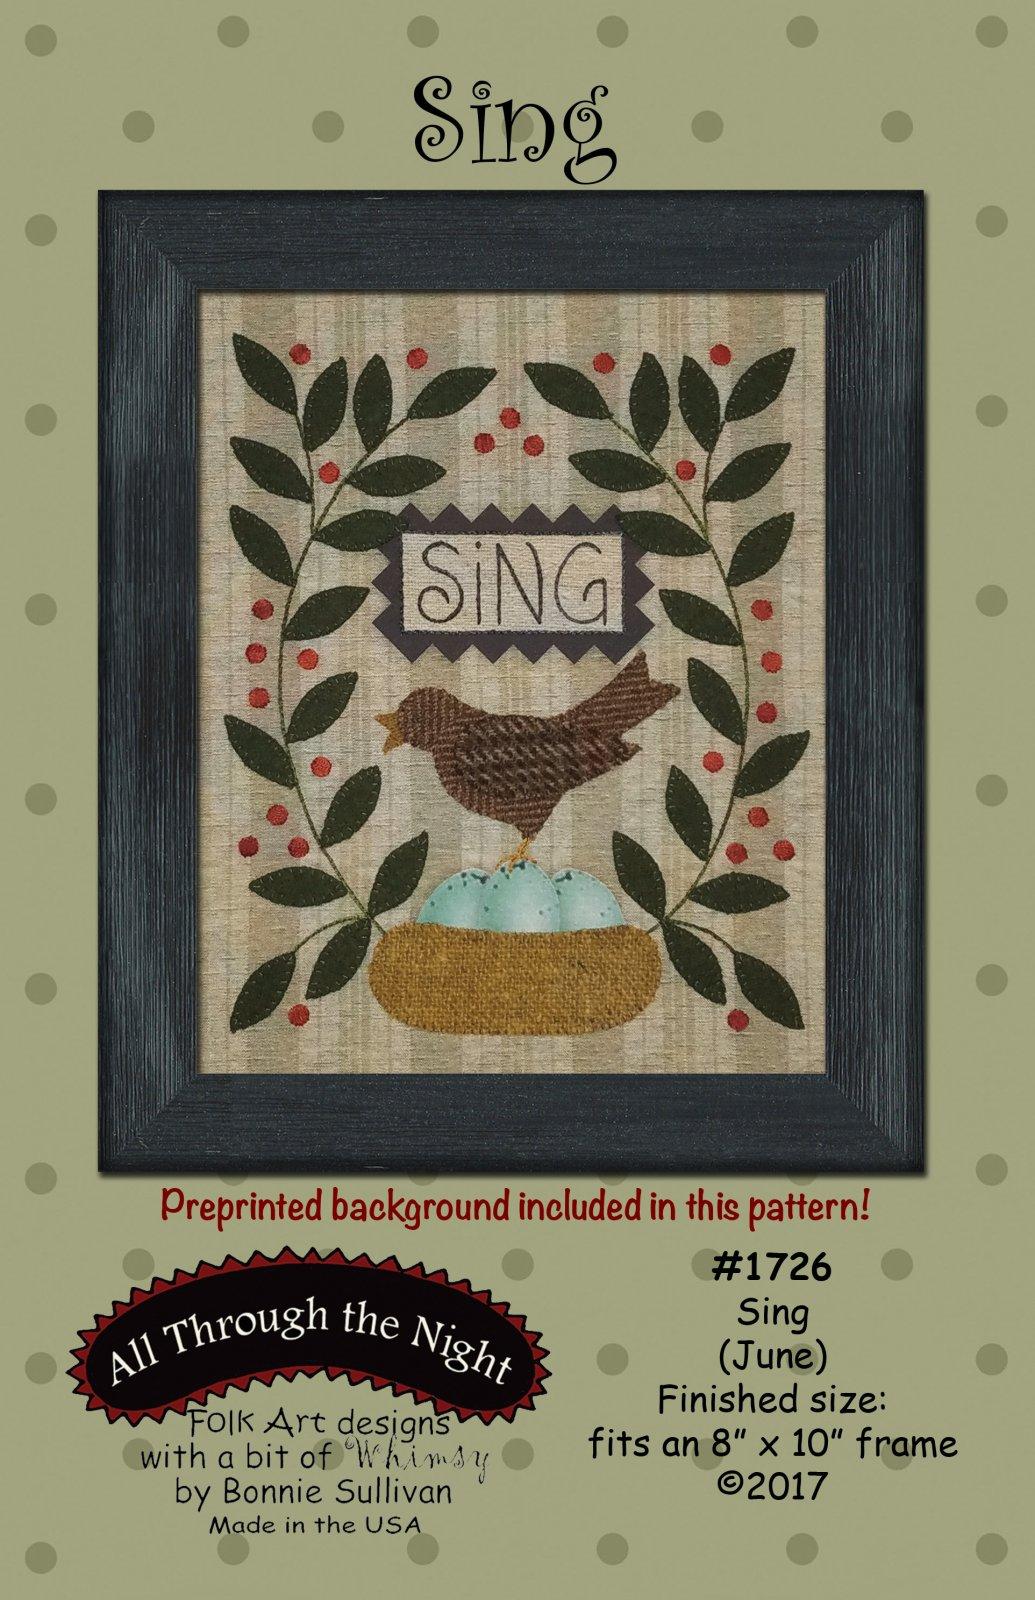 1726 Sing (June)